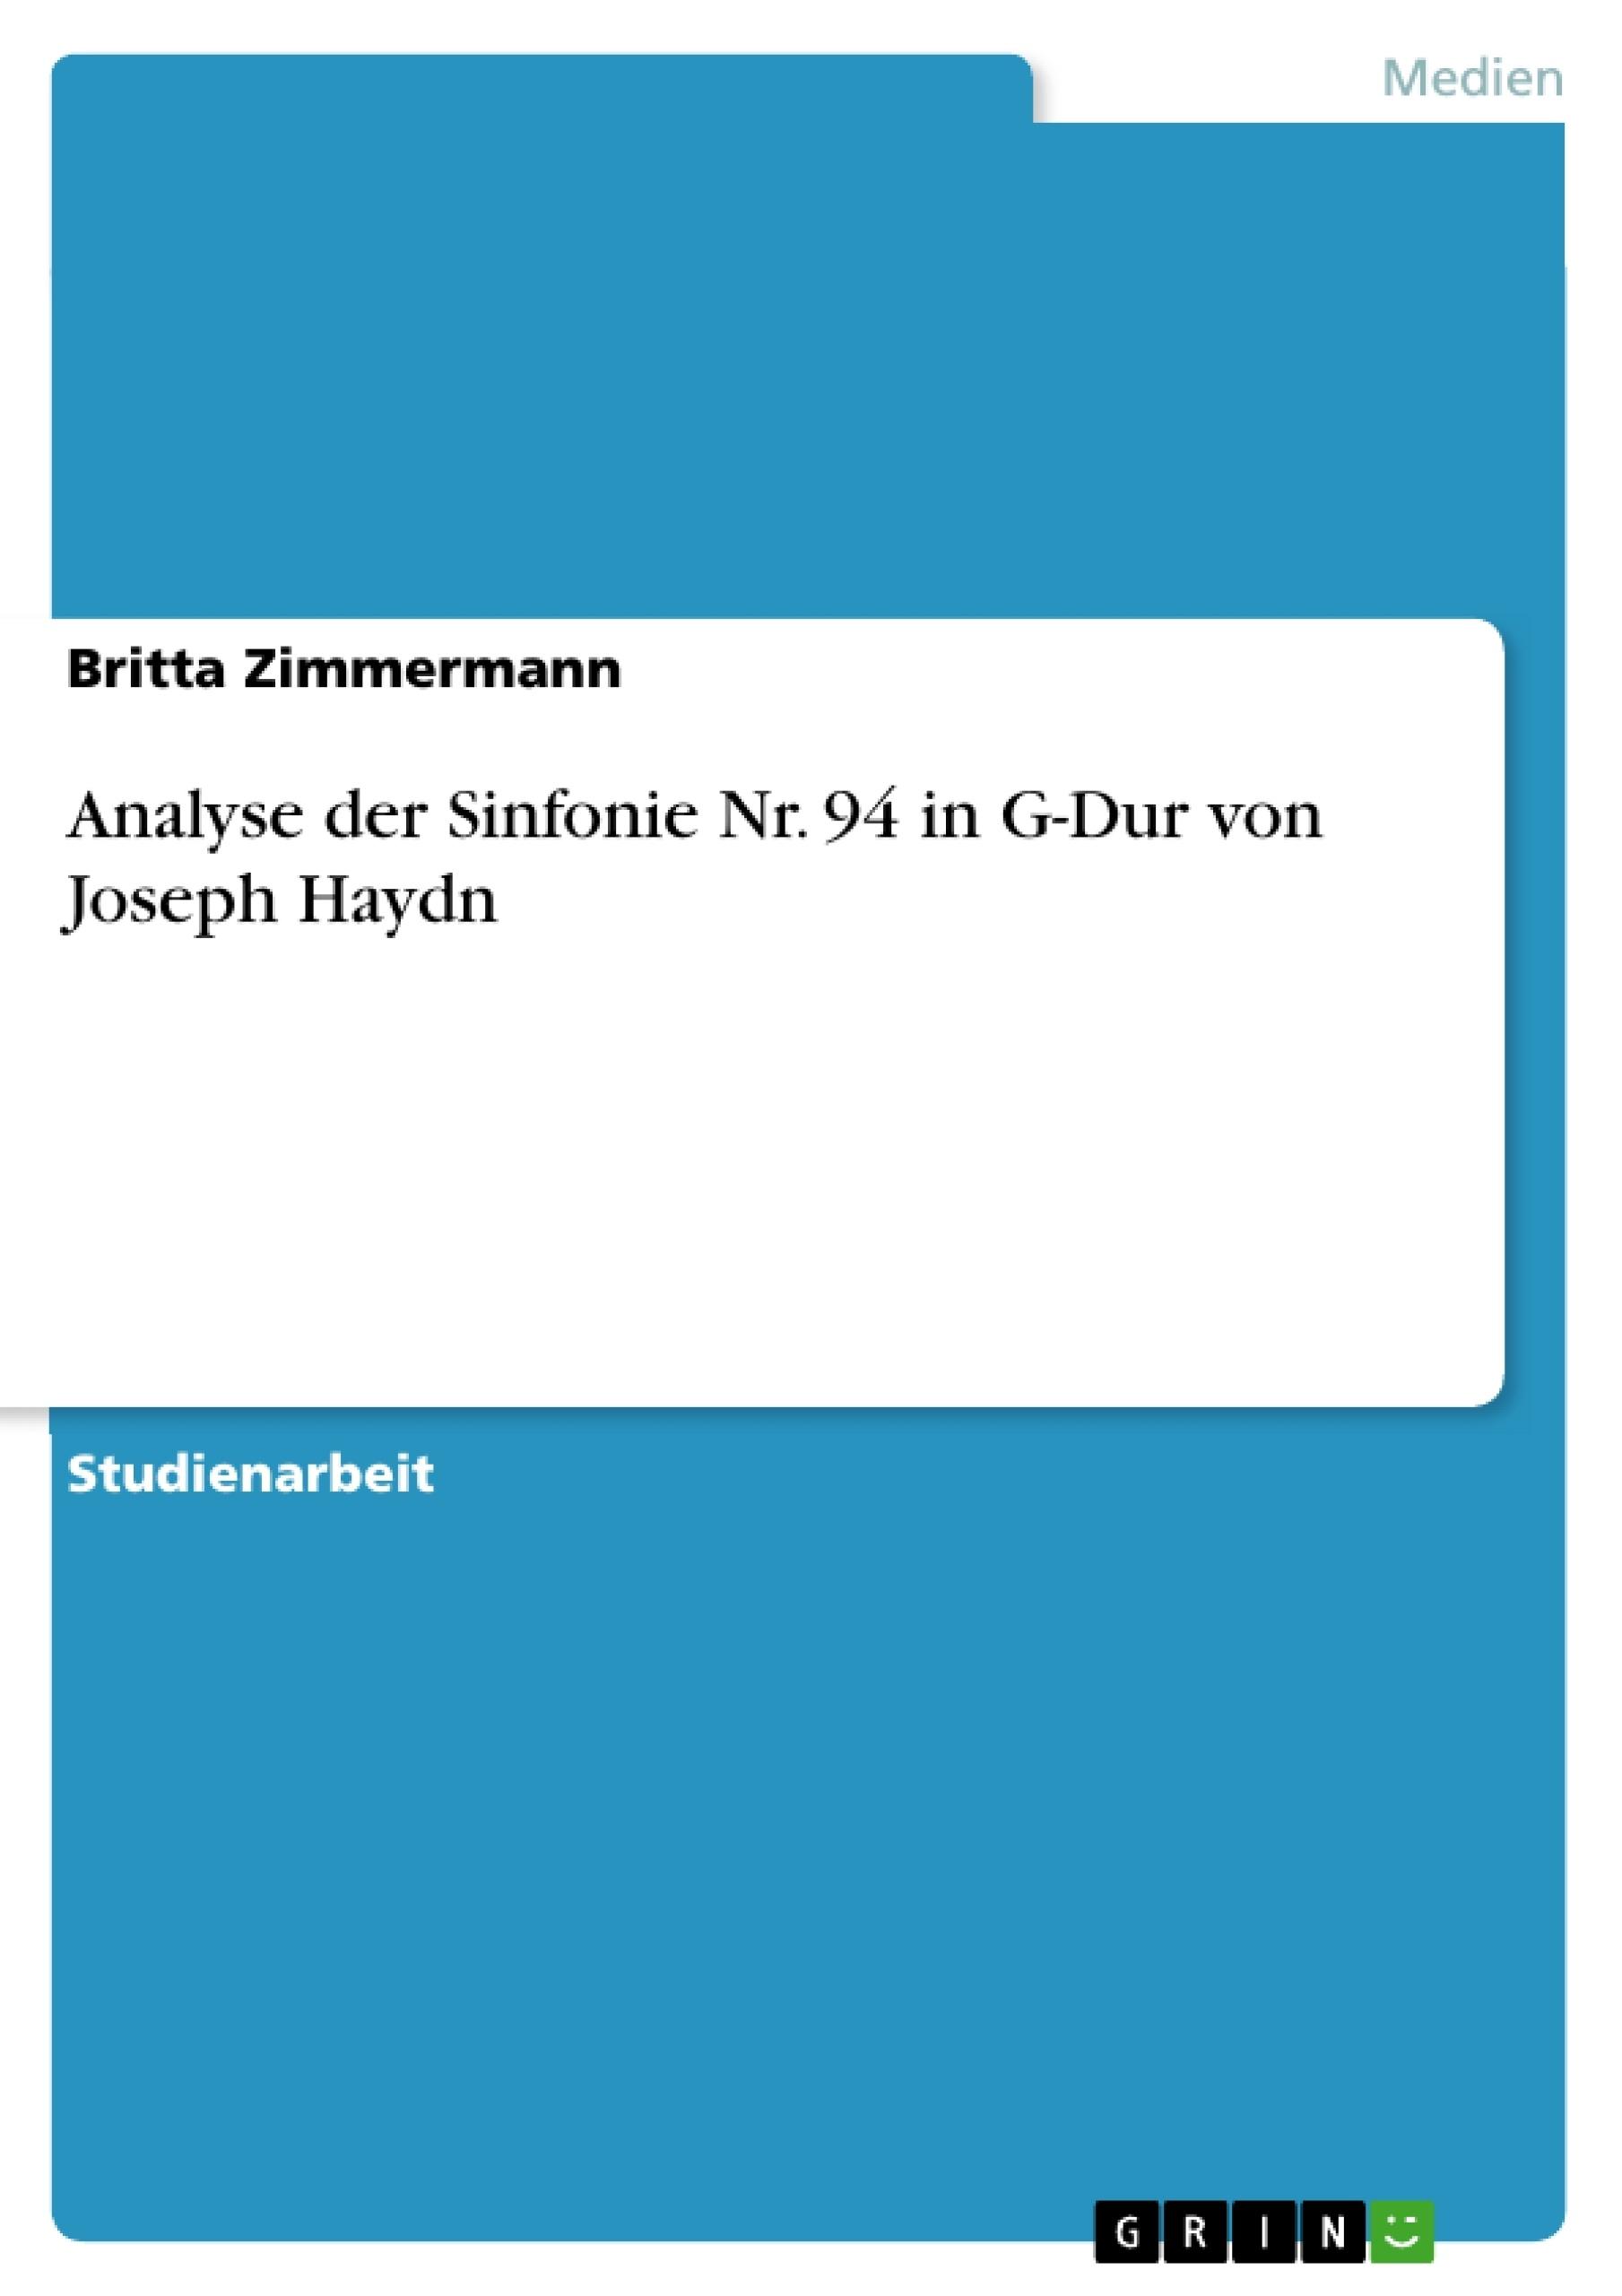 Titel: Analyse der Sinfonie Nr. 94 in G-Dur von Joseph Haydn